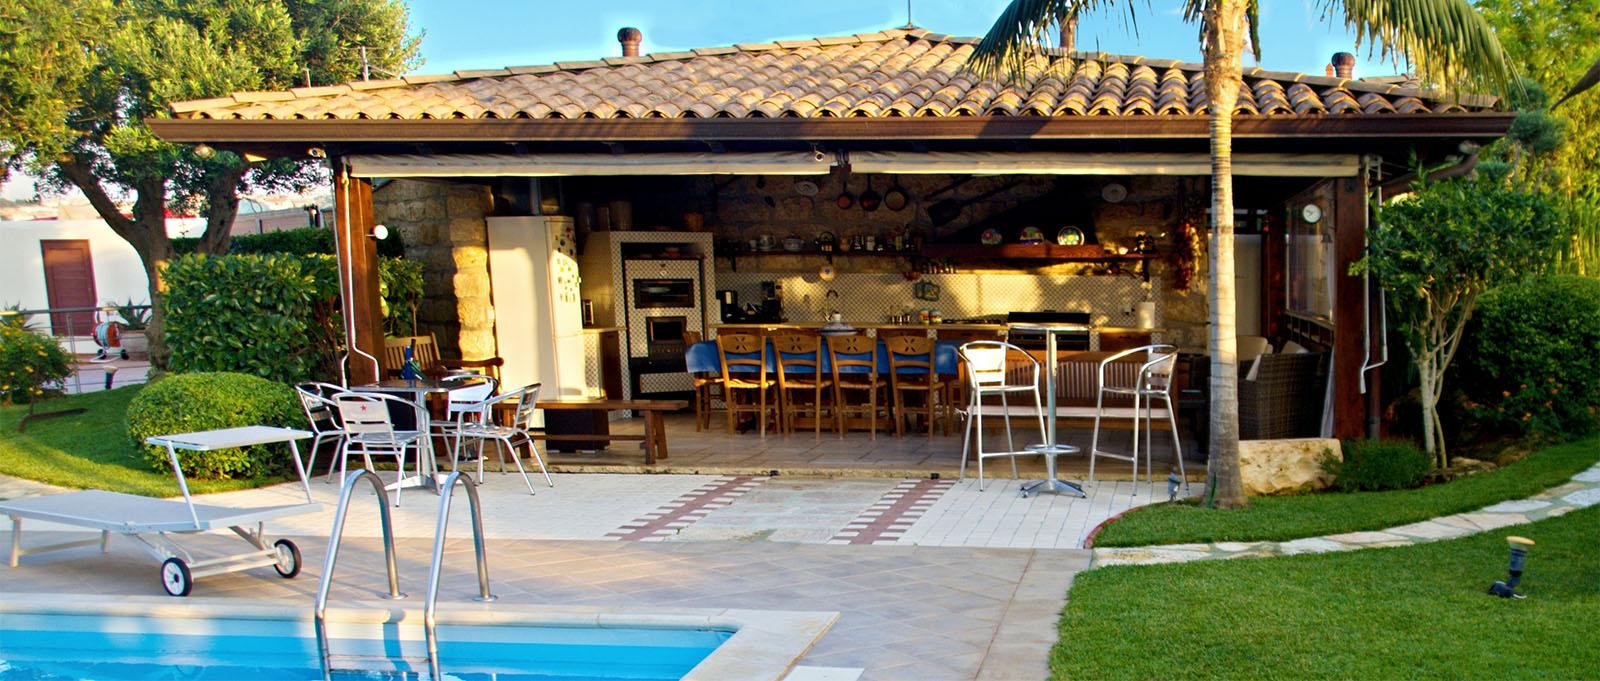 slide n.3 villa palme esterno con piscina e cucina-zoom